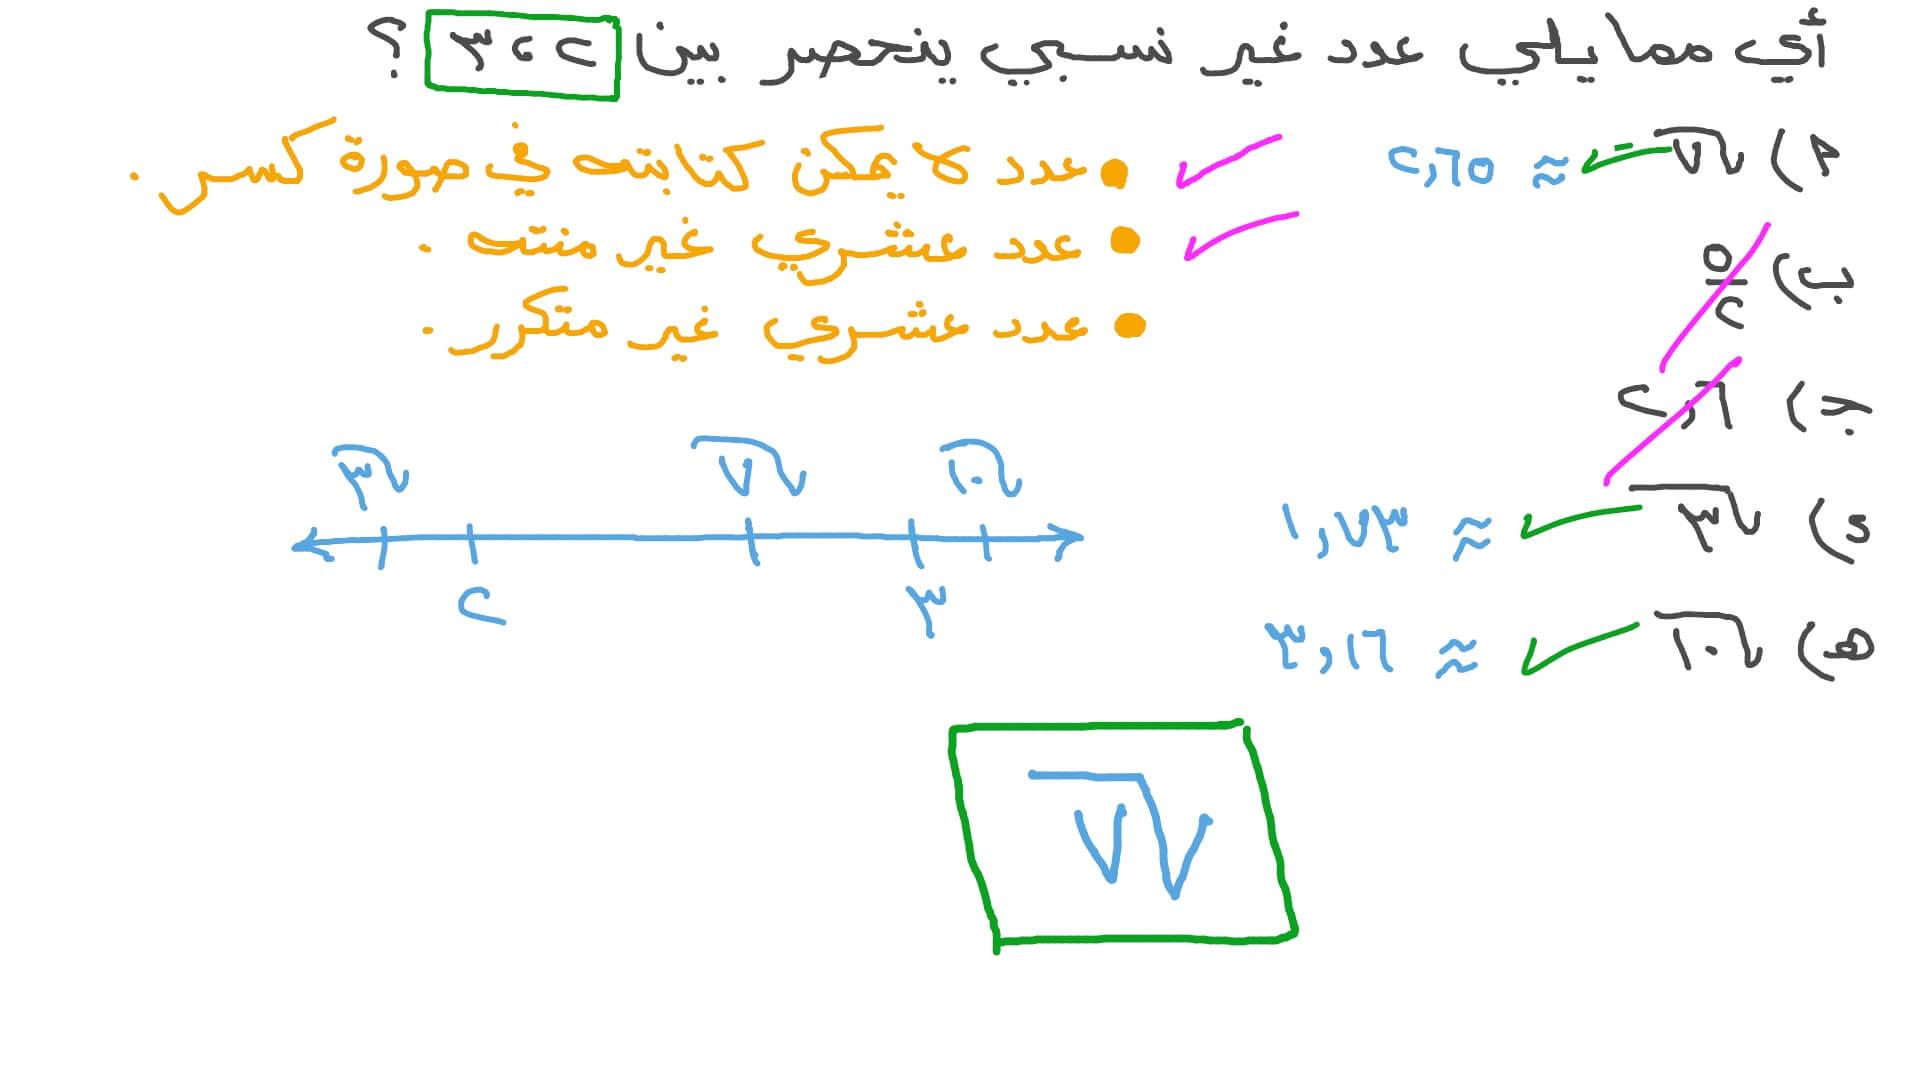 فيديو السؤال تحديد العدد غير النسبي الذي يقع بين عددين معطيين نجوى